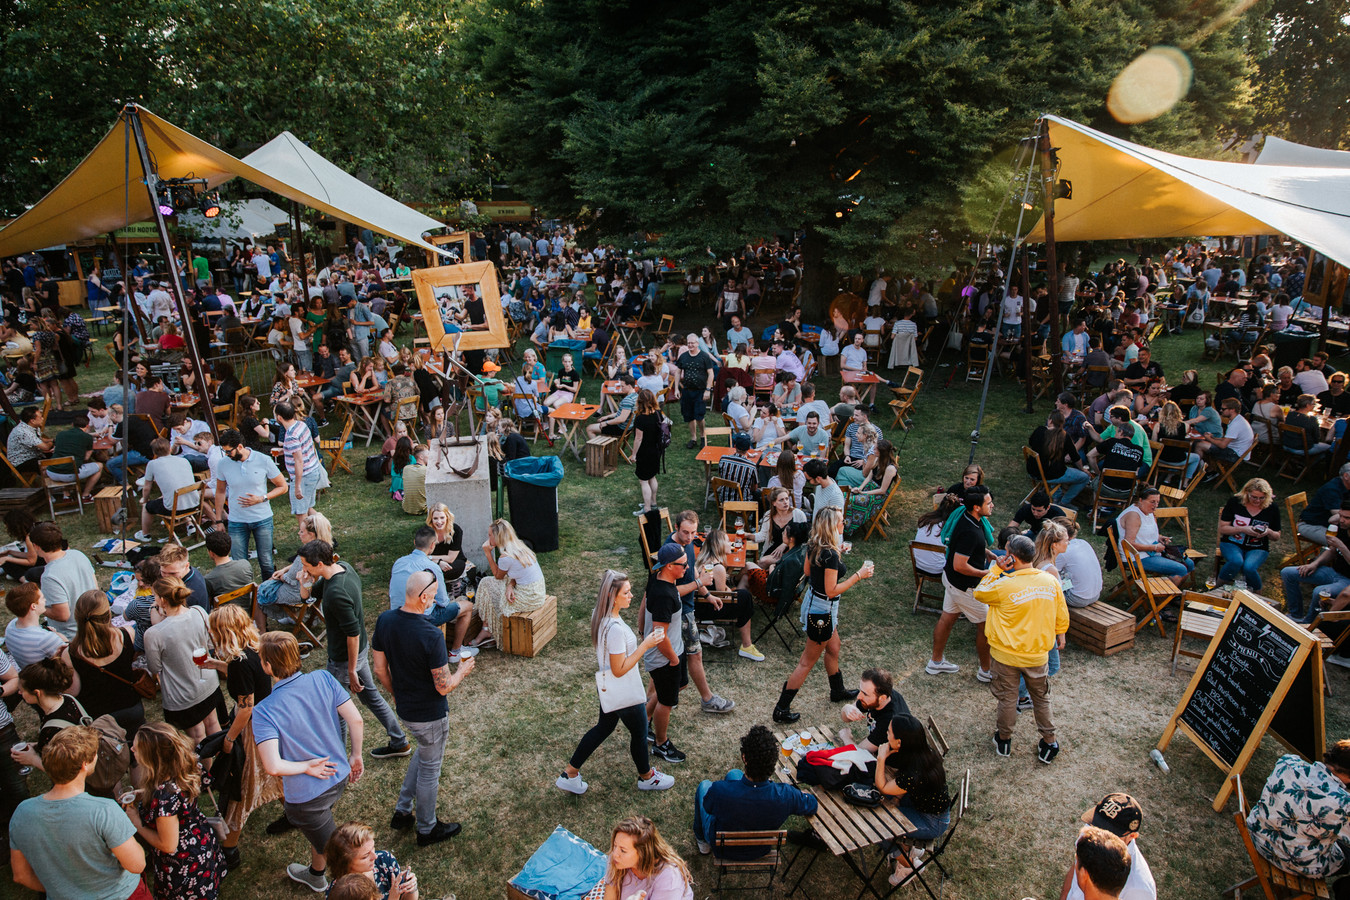 Bierfestival Mout in het Julianapark in Nijmegen in 2019.